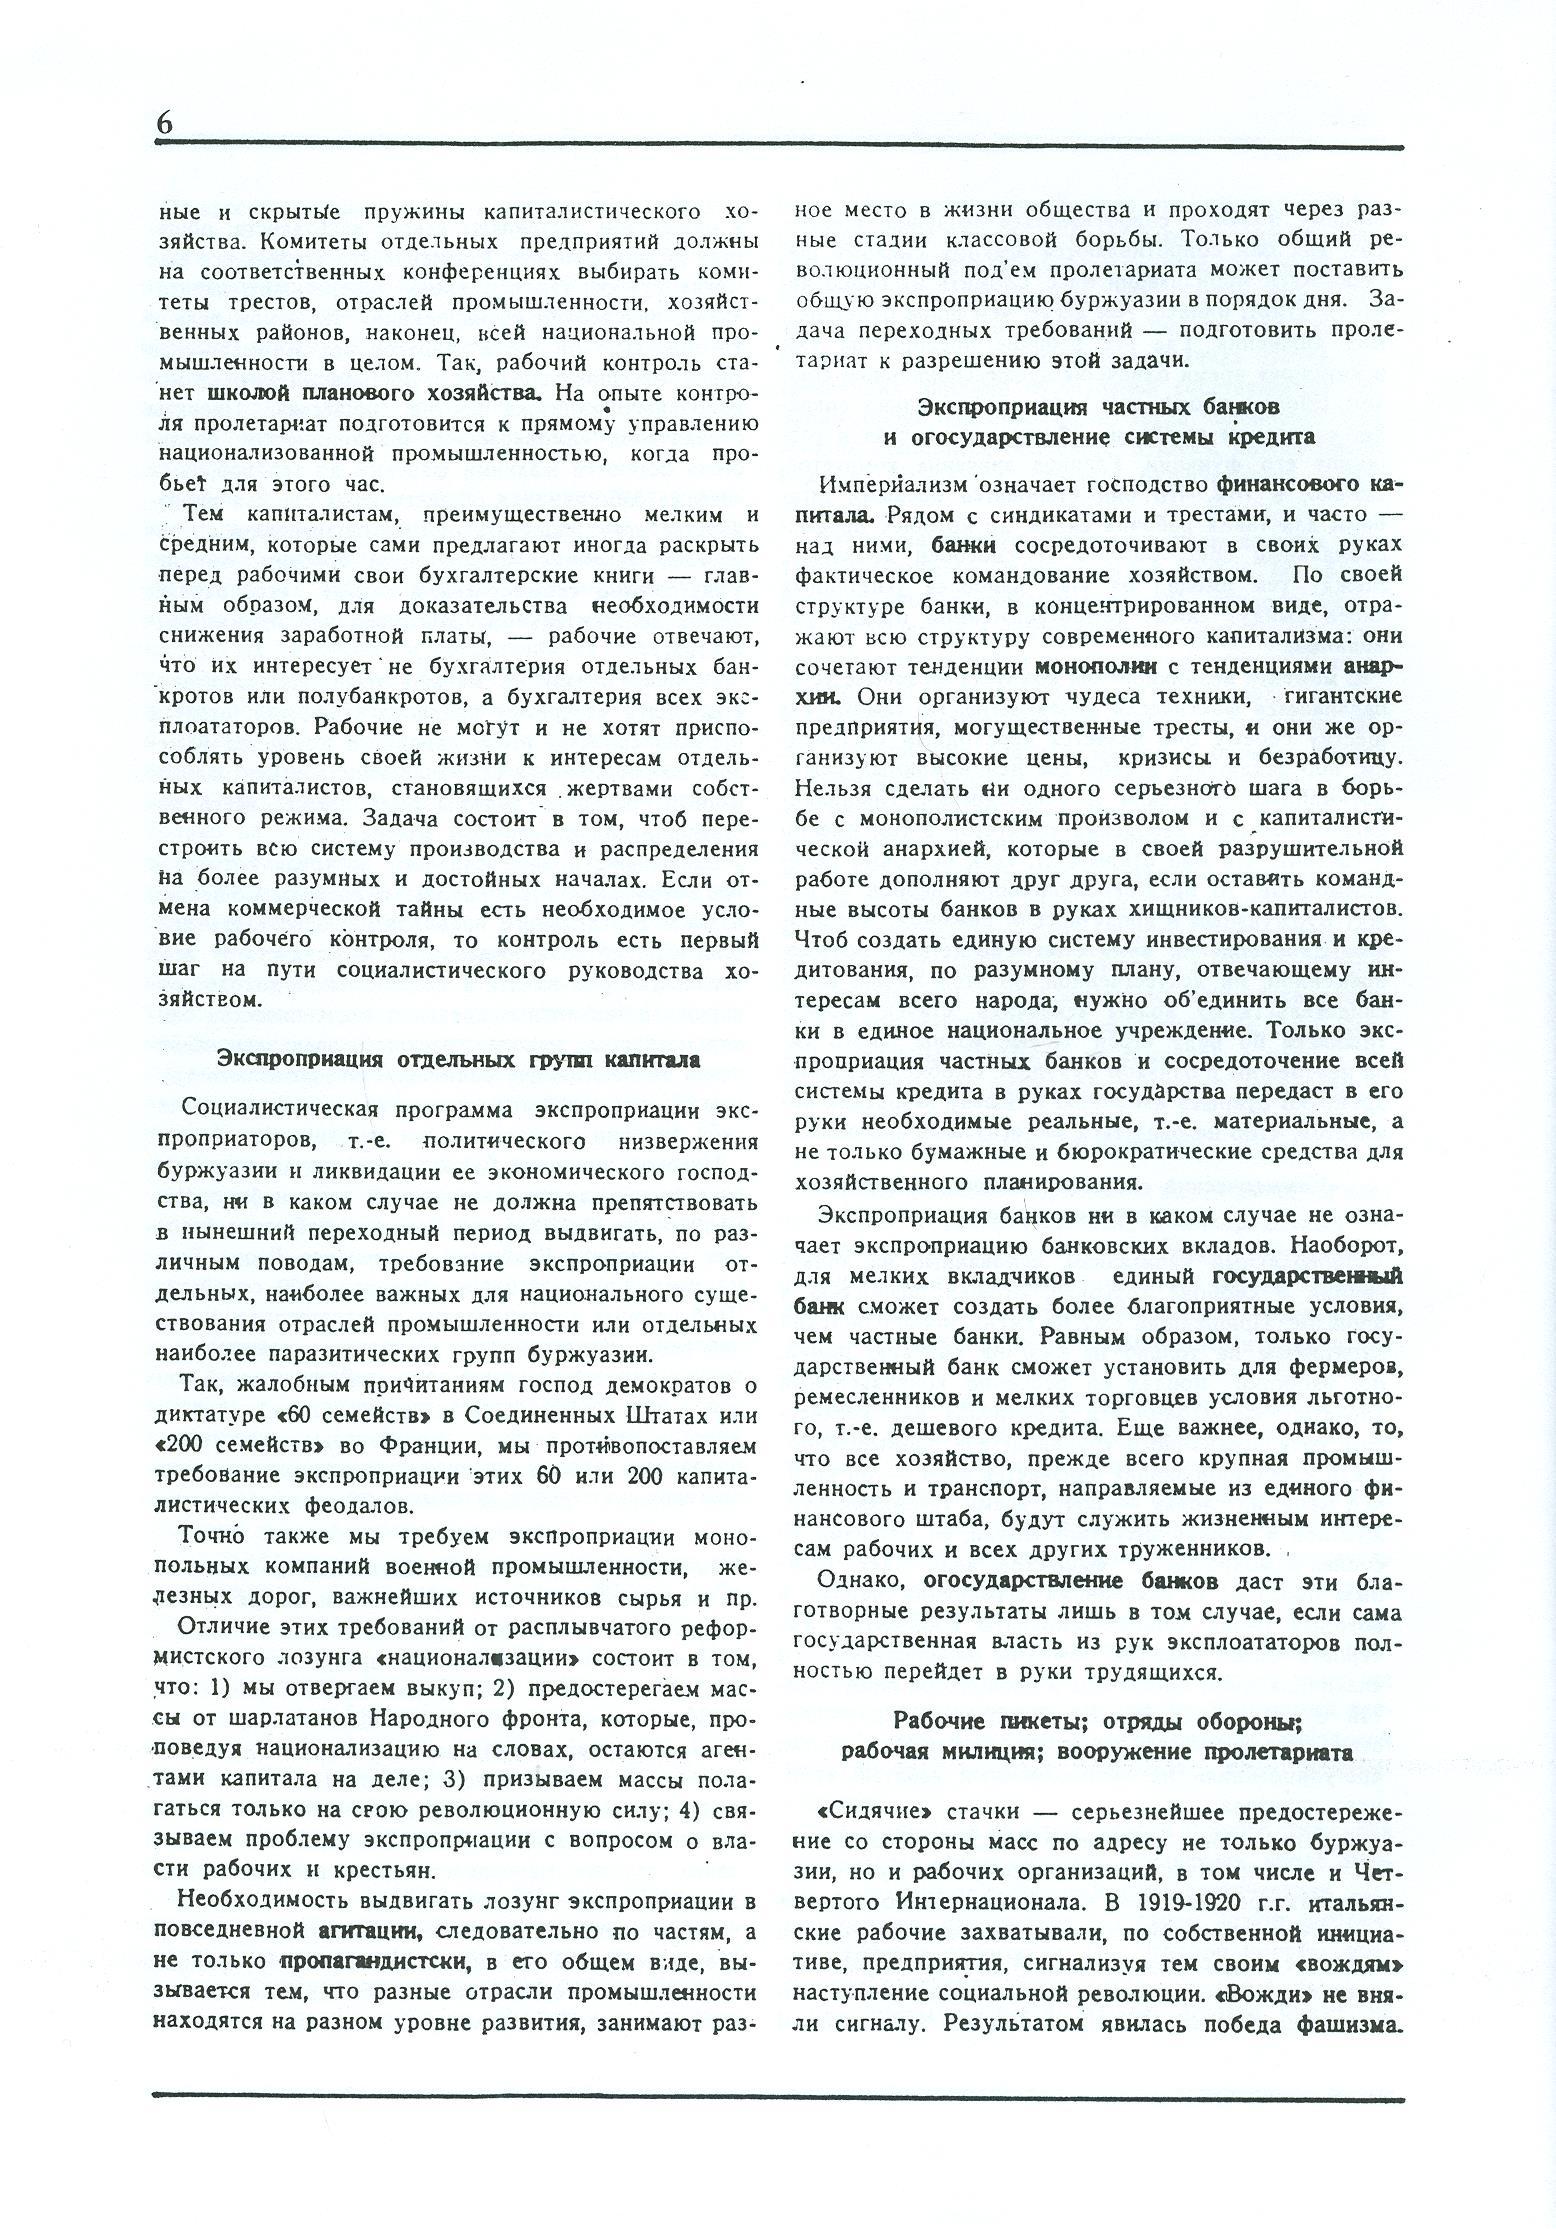 Dagli archivi del bolscevismo n. 1 (marzo 1986) - pag. 6